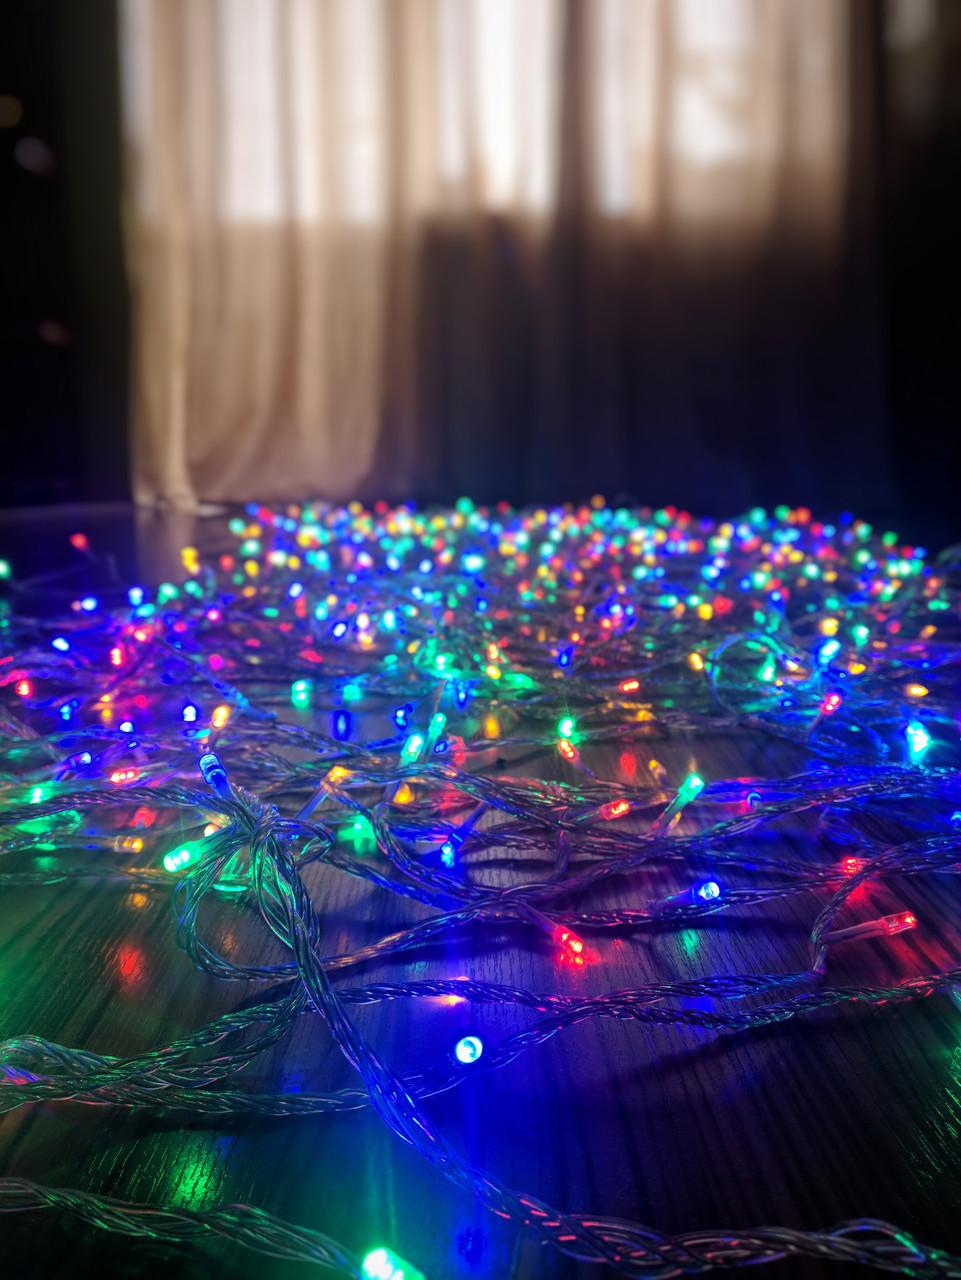 Гирлянда новогодняя электрическая LED 600 лампочек